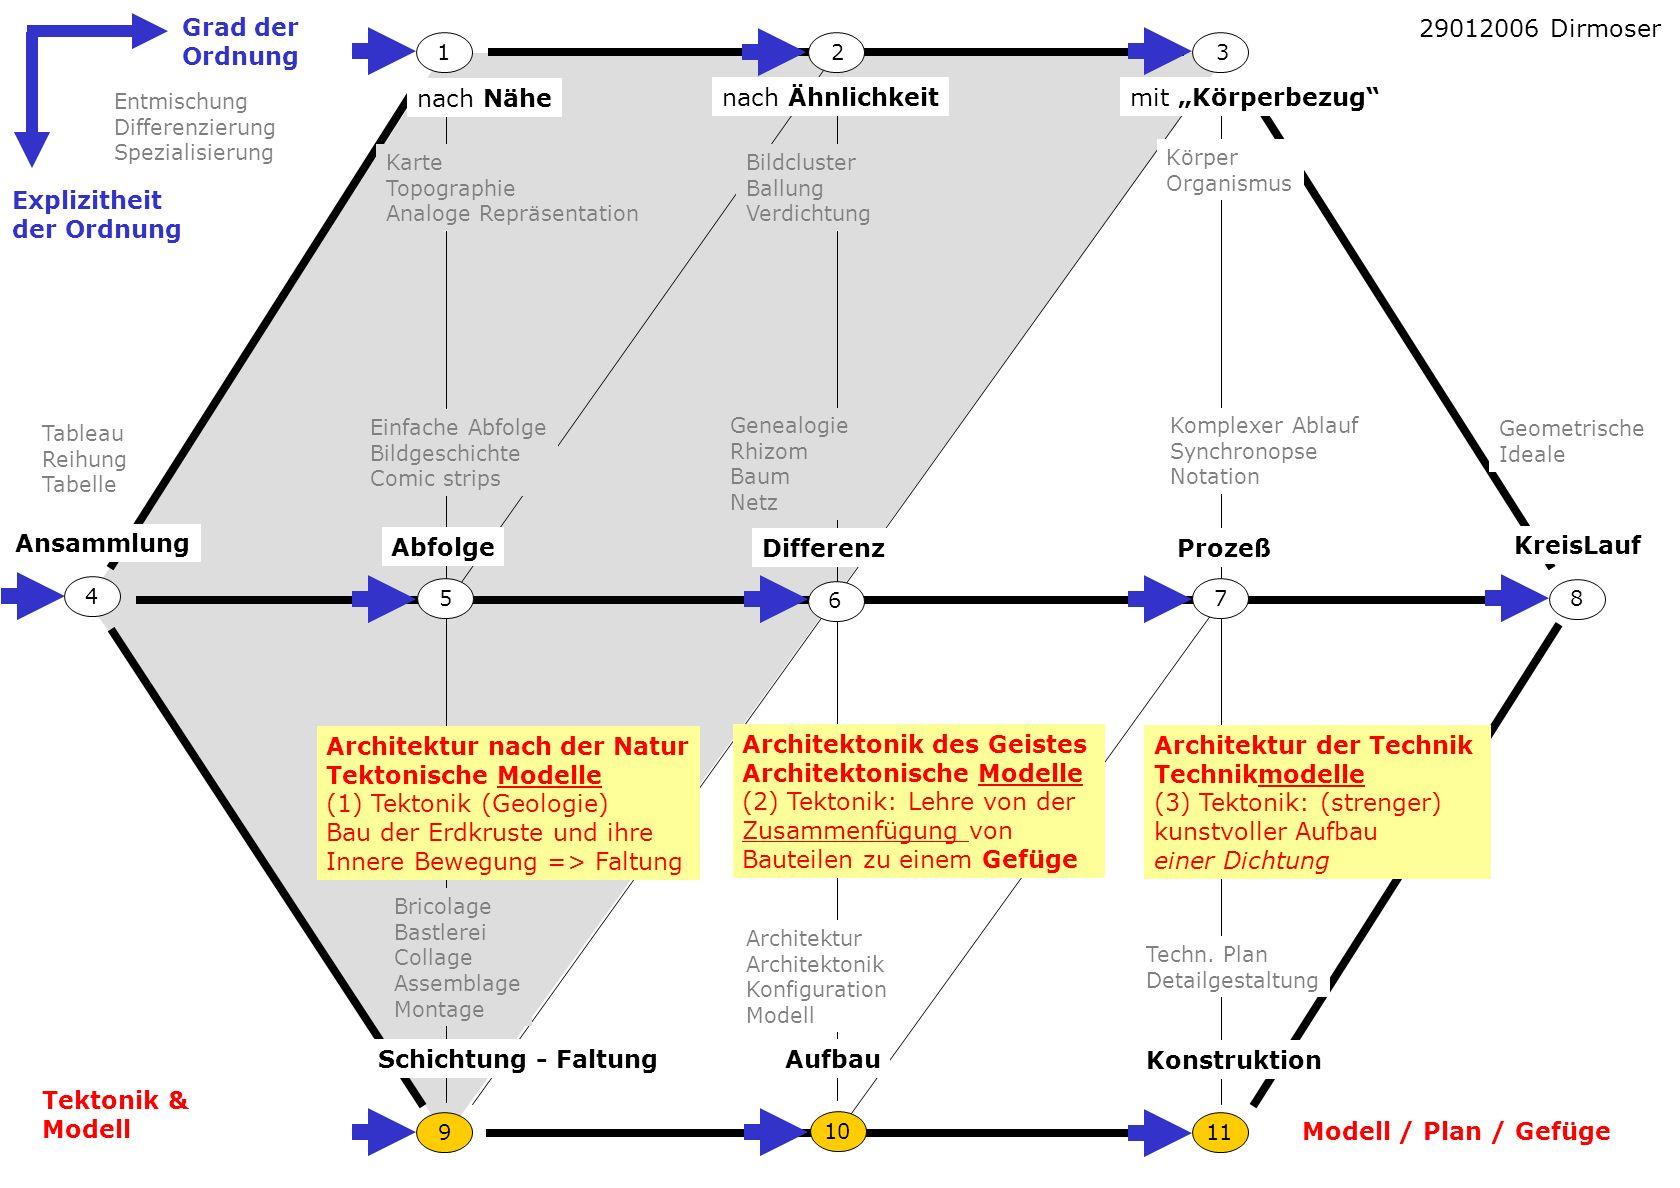 nach Ähnlichkeit nach Nähe mit Körperbezug Ansammlung Abfolge DifferenzProzeß KreisLauf 8 6 21 7 11 4 3 10 9 5 Schichtung - FaltungAufbau Konstruktion